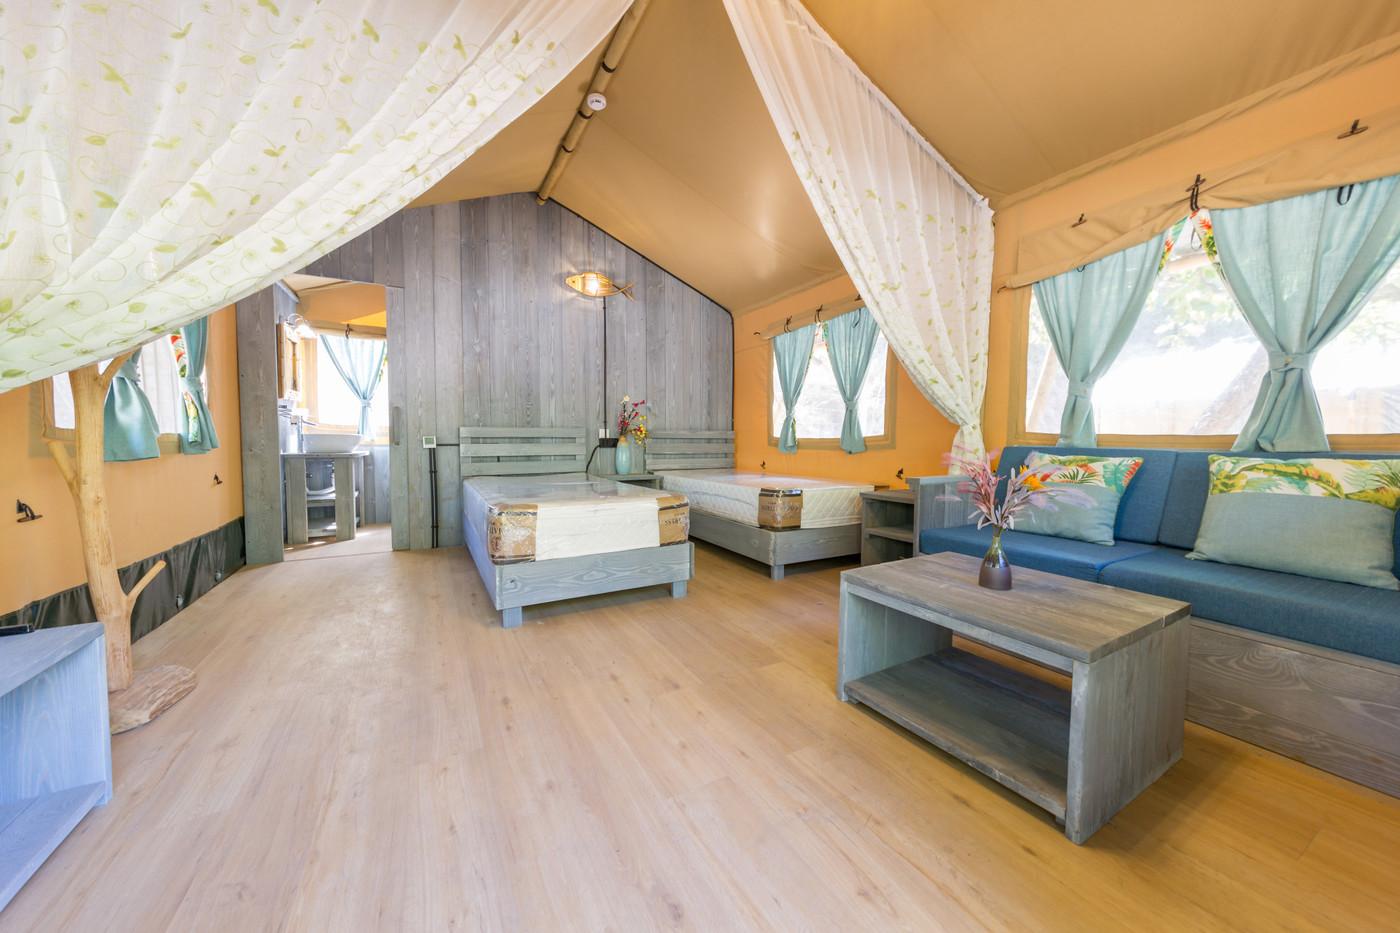 喜马拉雅野奢帐篷酒店一北京石头 剪刀 布一私享院子 54平山谷型  31